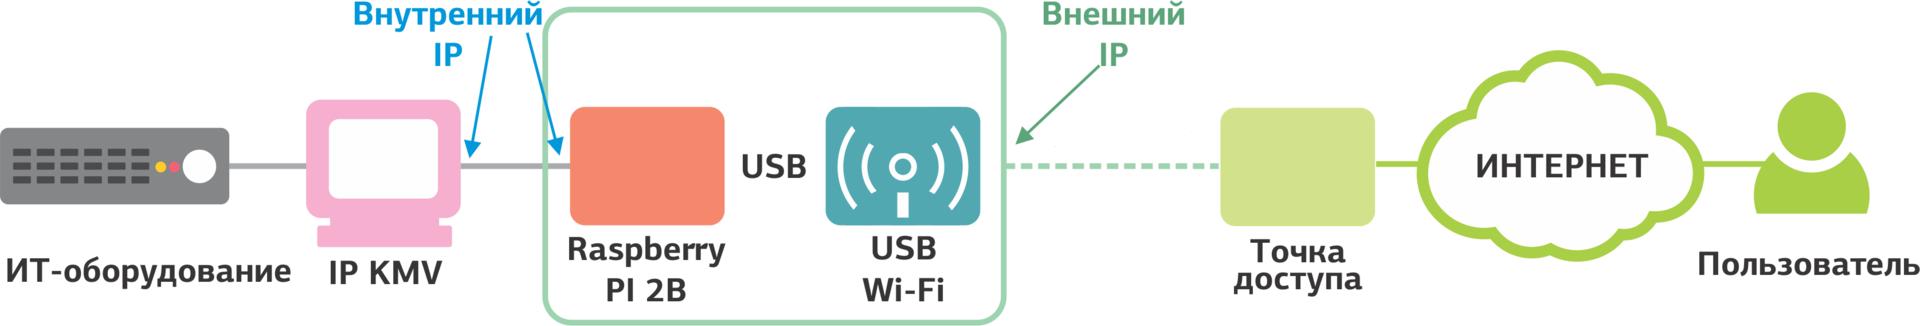 Полезные мелочи в дата-центре: Wi-Fi IP KVM - 8